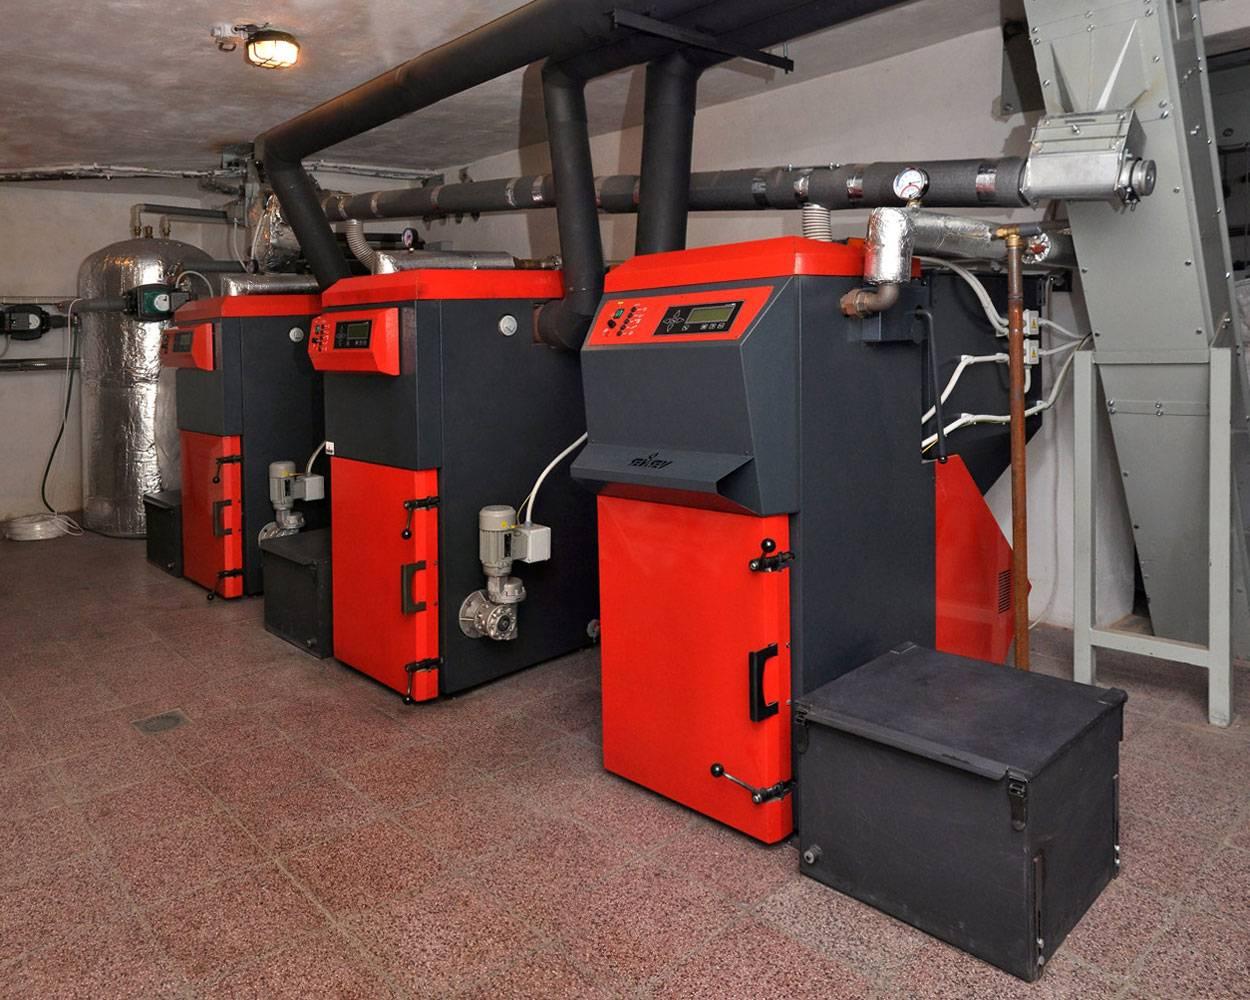 Комбинированные котлы отопления газ-дрова для частного дома, многотопливные агрегаты на жидком и твердом топливе